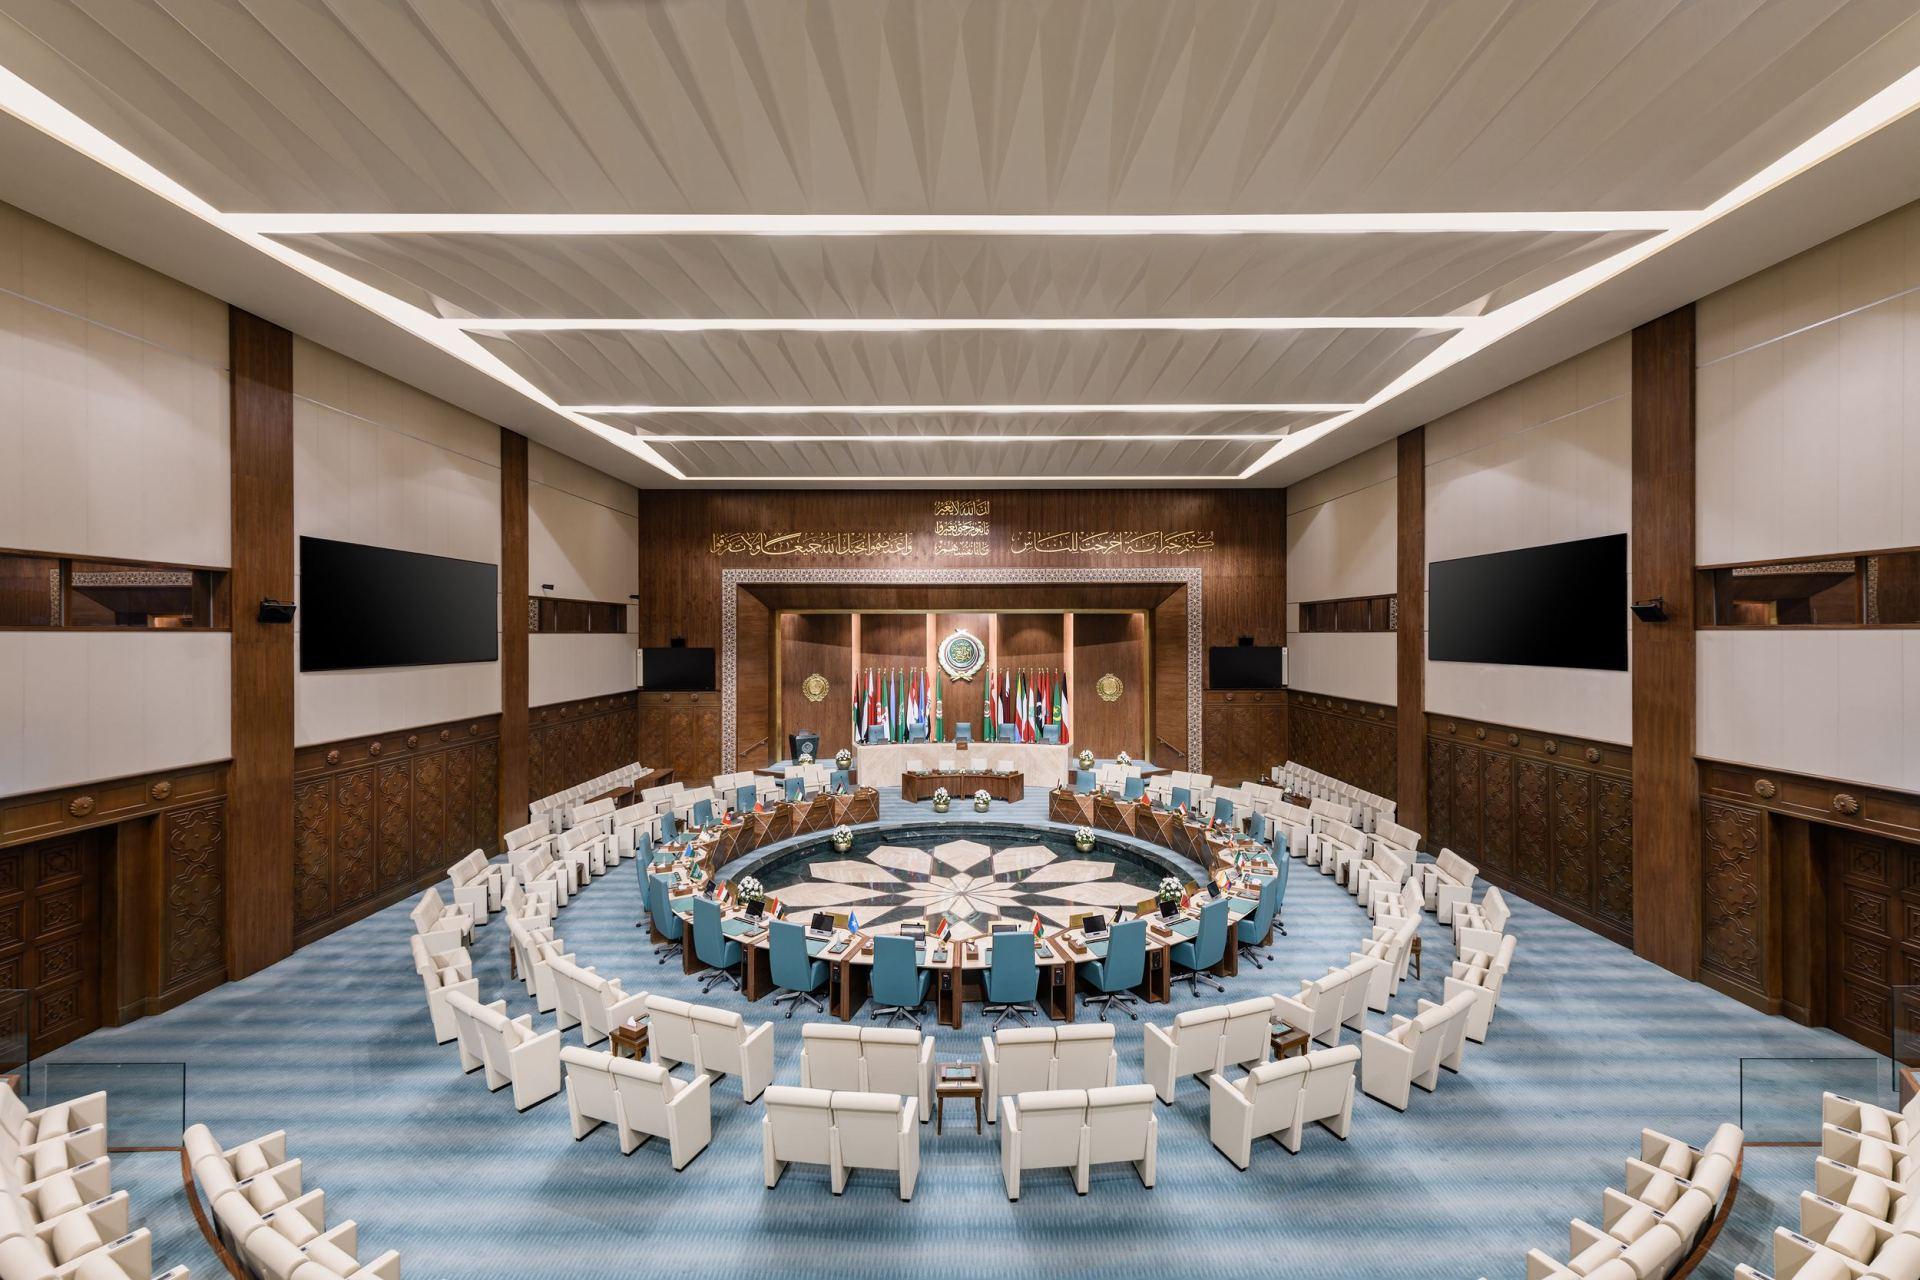 Nada-Debs_Arab_League_designalive-13